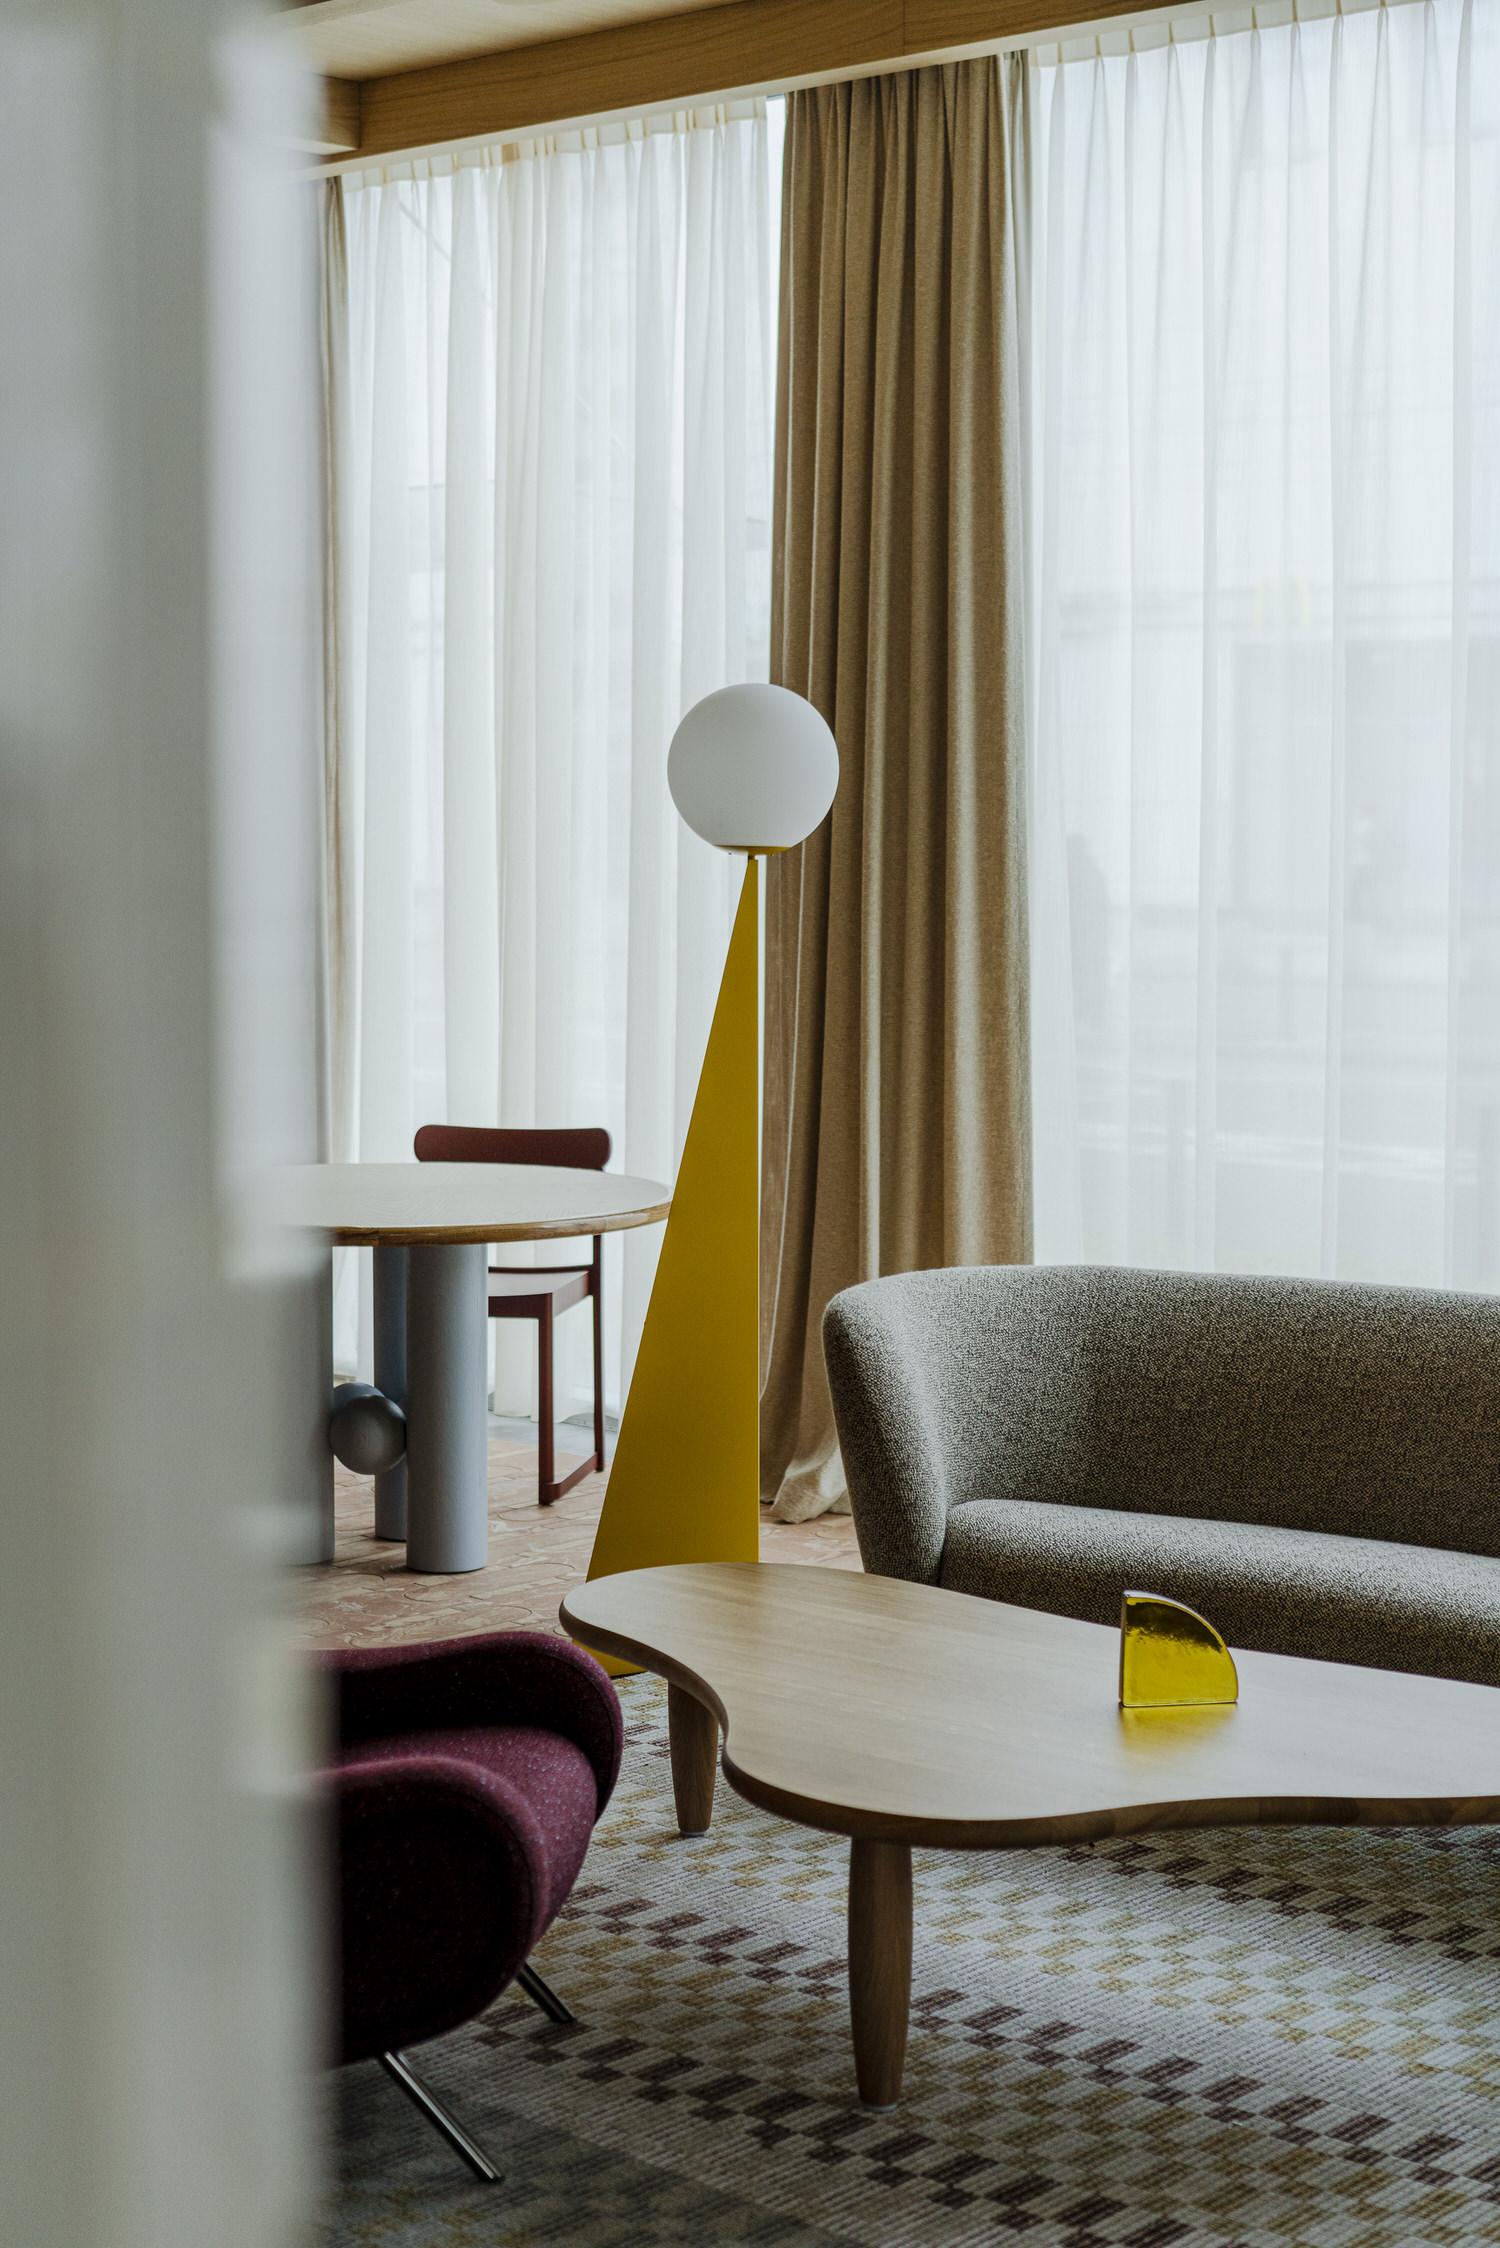 Paradowski Studio Puro Hotel Krakow Photo Pion Studio Yellowtrace 23